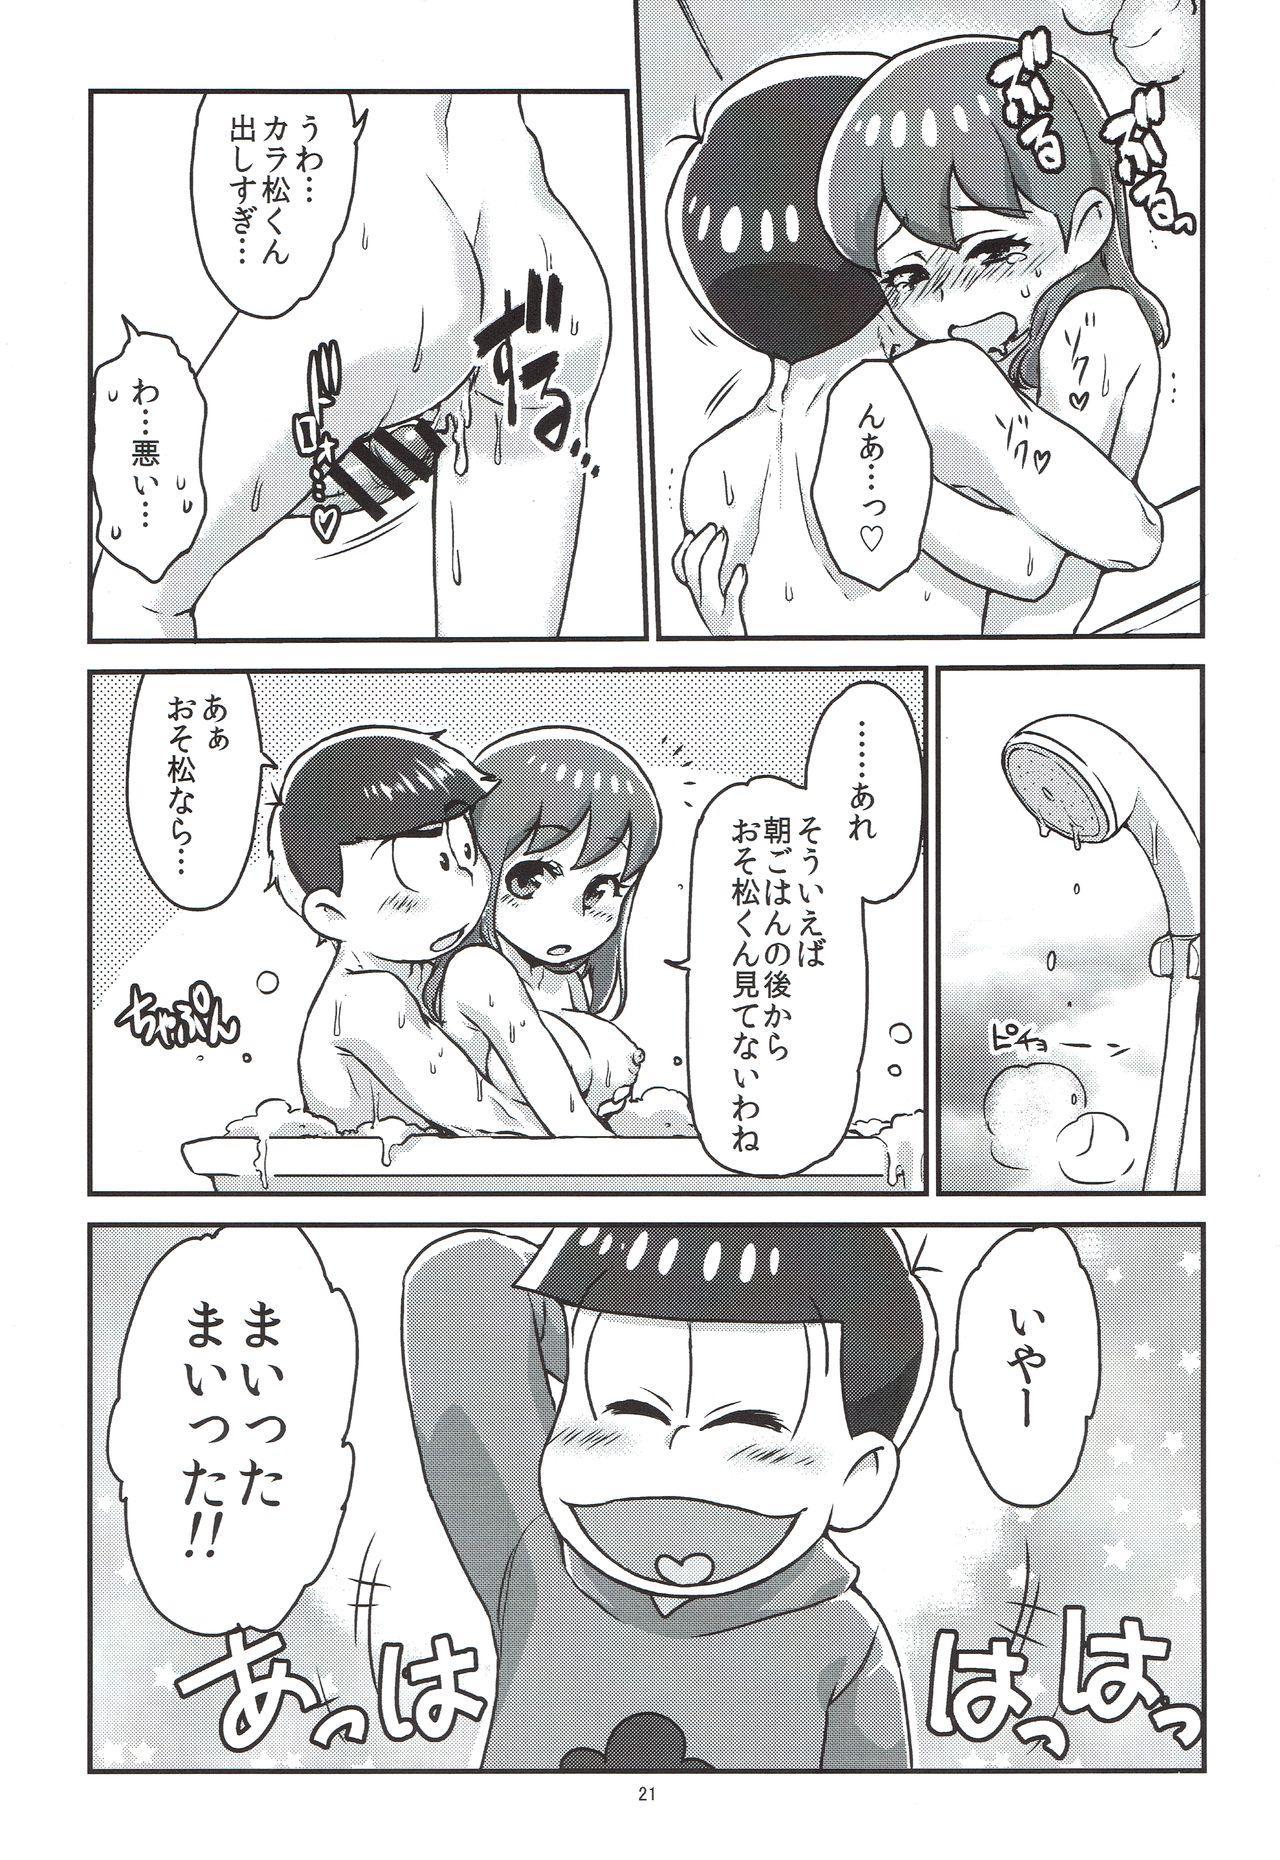 Mutsugo to Totoko-chan no Juukon Seikatsu 21